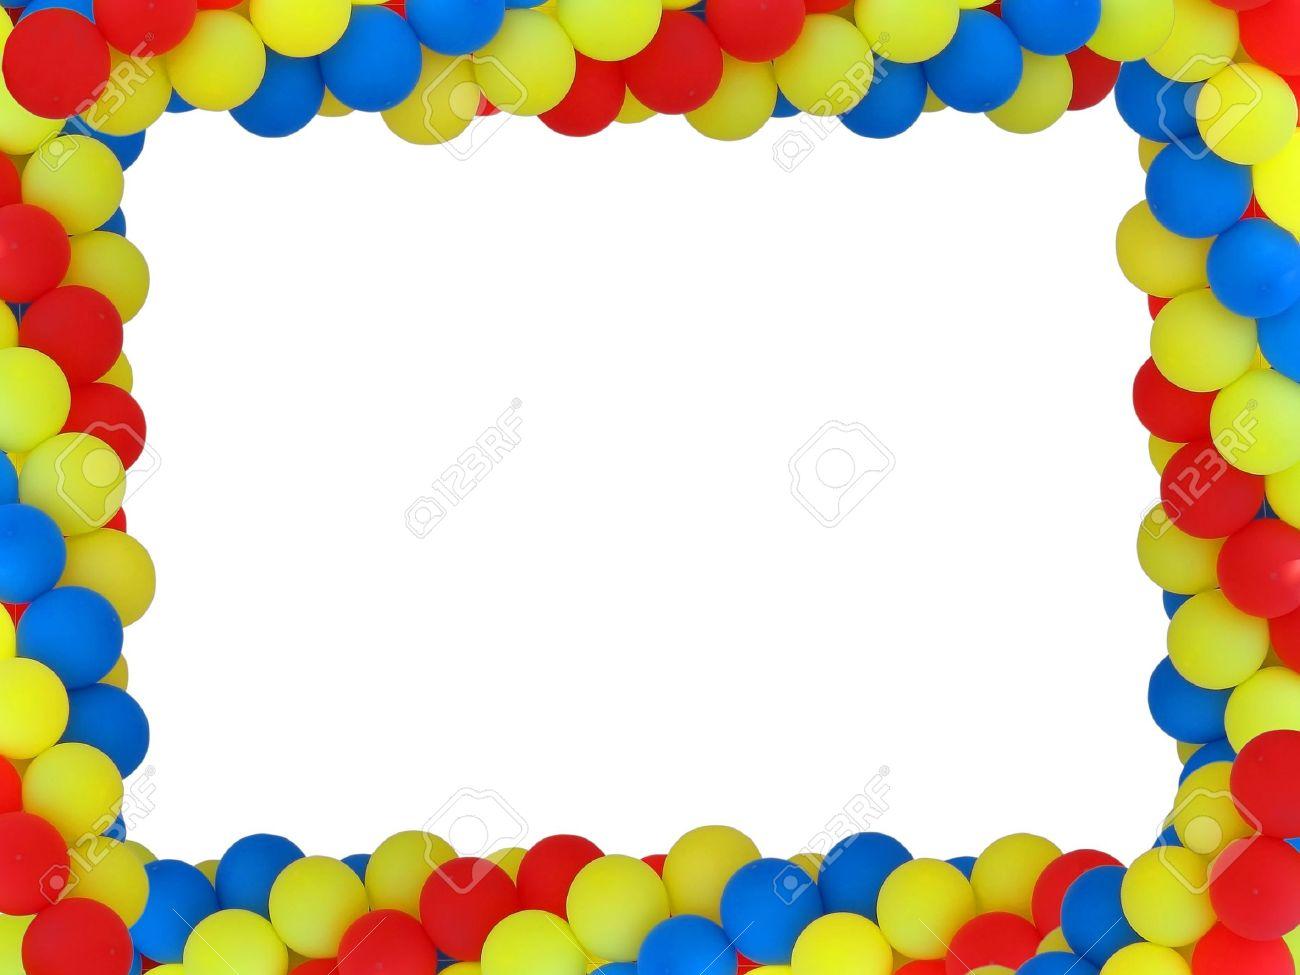 Farbige Rahmen Ballon Mit Leeren Plase Für Geburtstag Portret ...